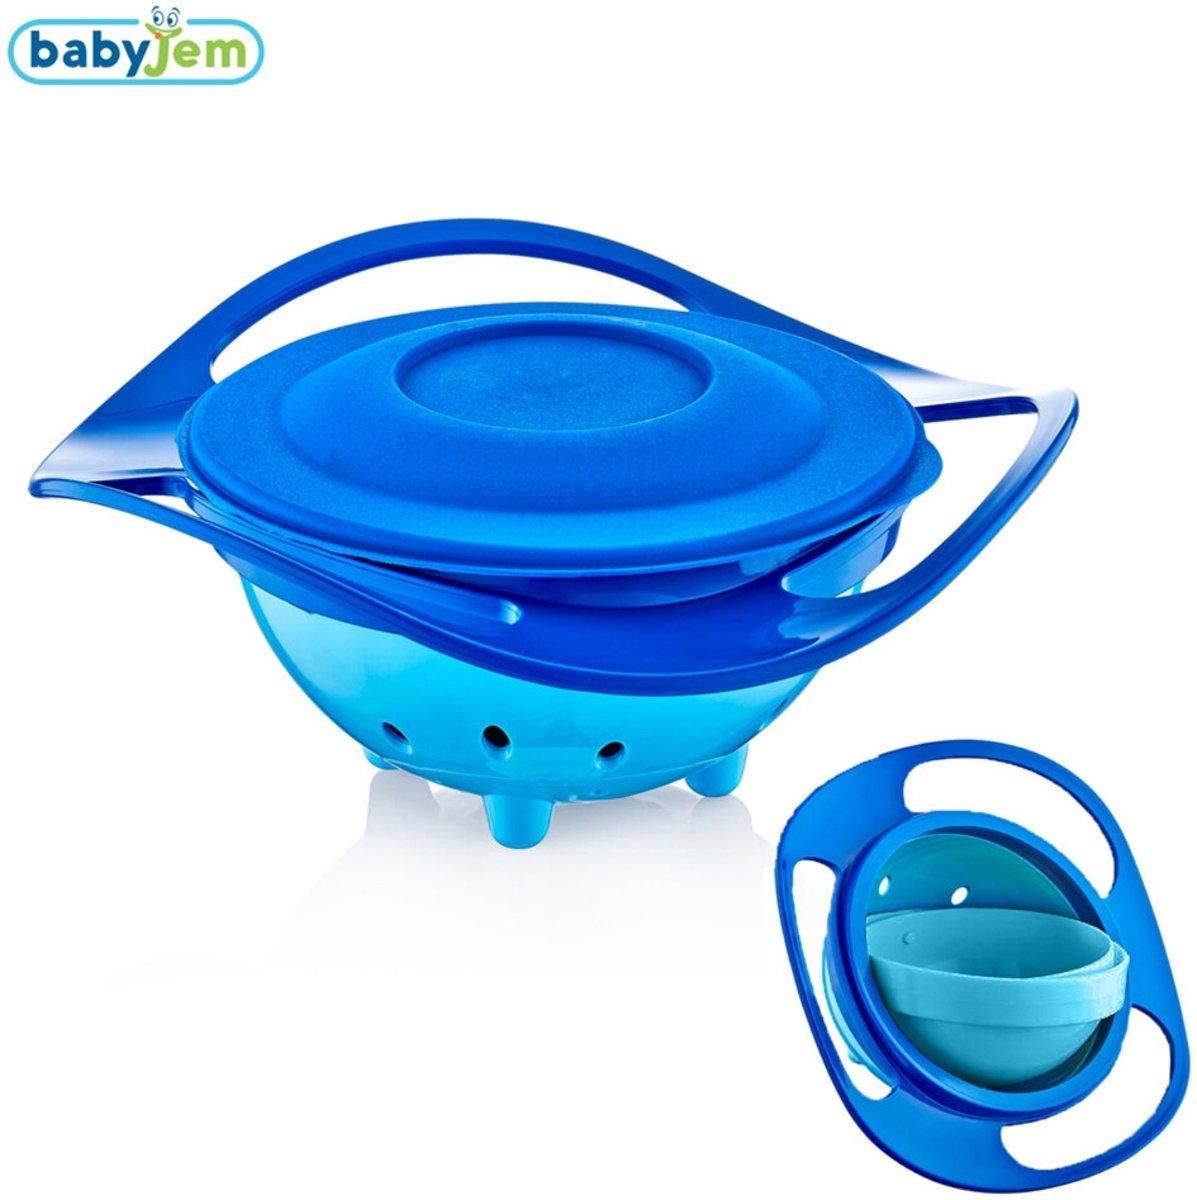 Babyjem Blauwe Amazing Kom , 360 Graden Rotatie , Met Klep , Kind Kom , Baby voeden , BPA vrij , leuk , Functioneel , Baby's voeden kopen